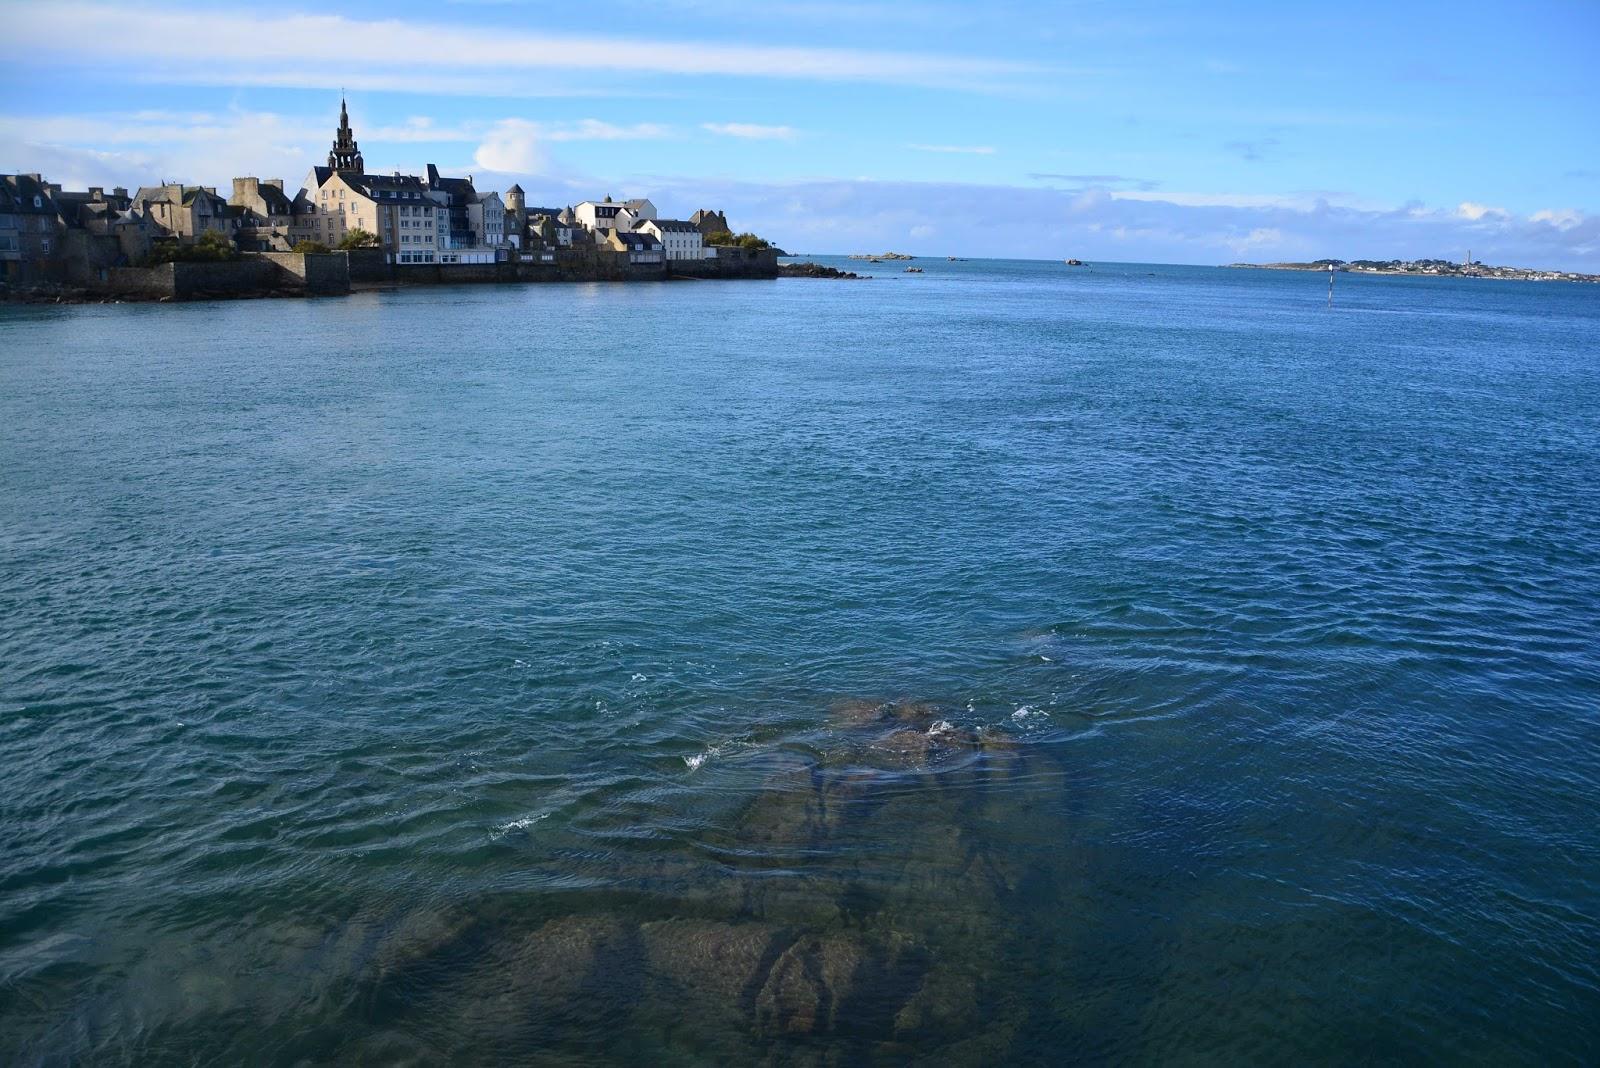 Roscoff in Brittany